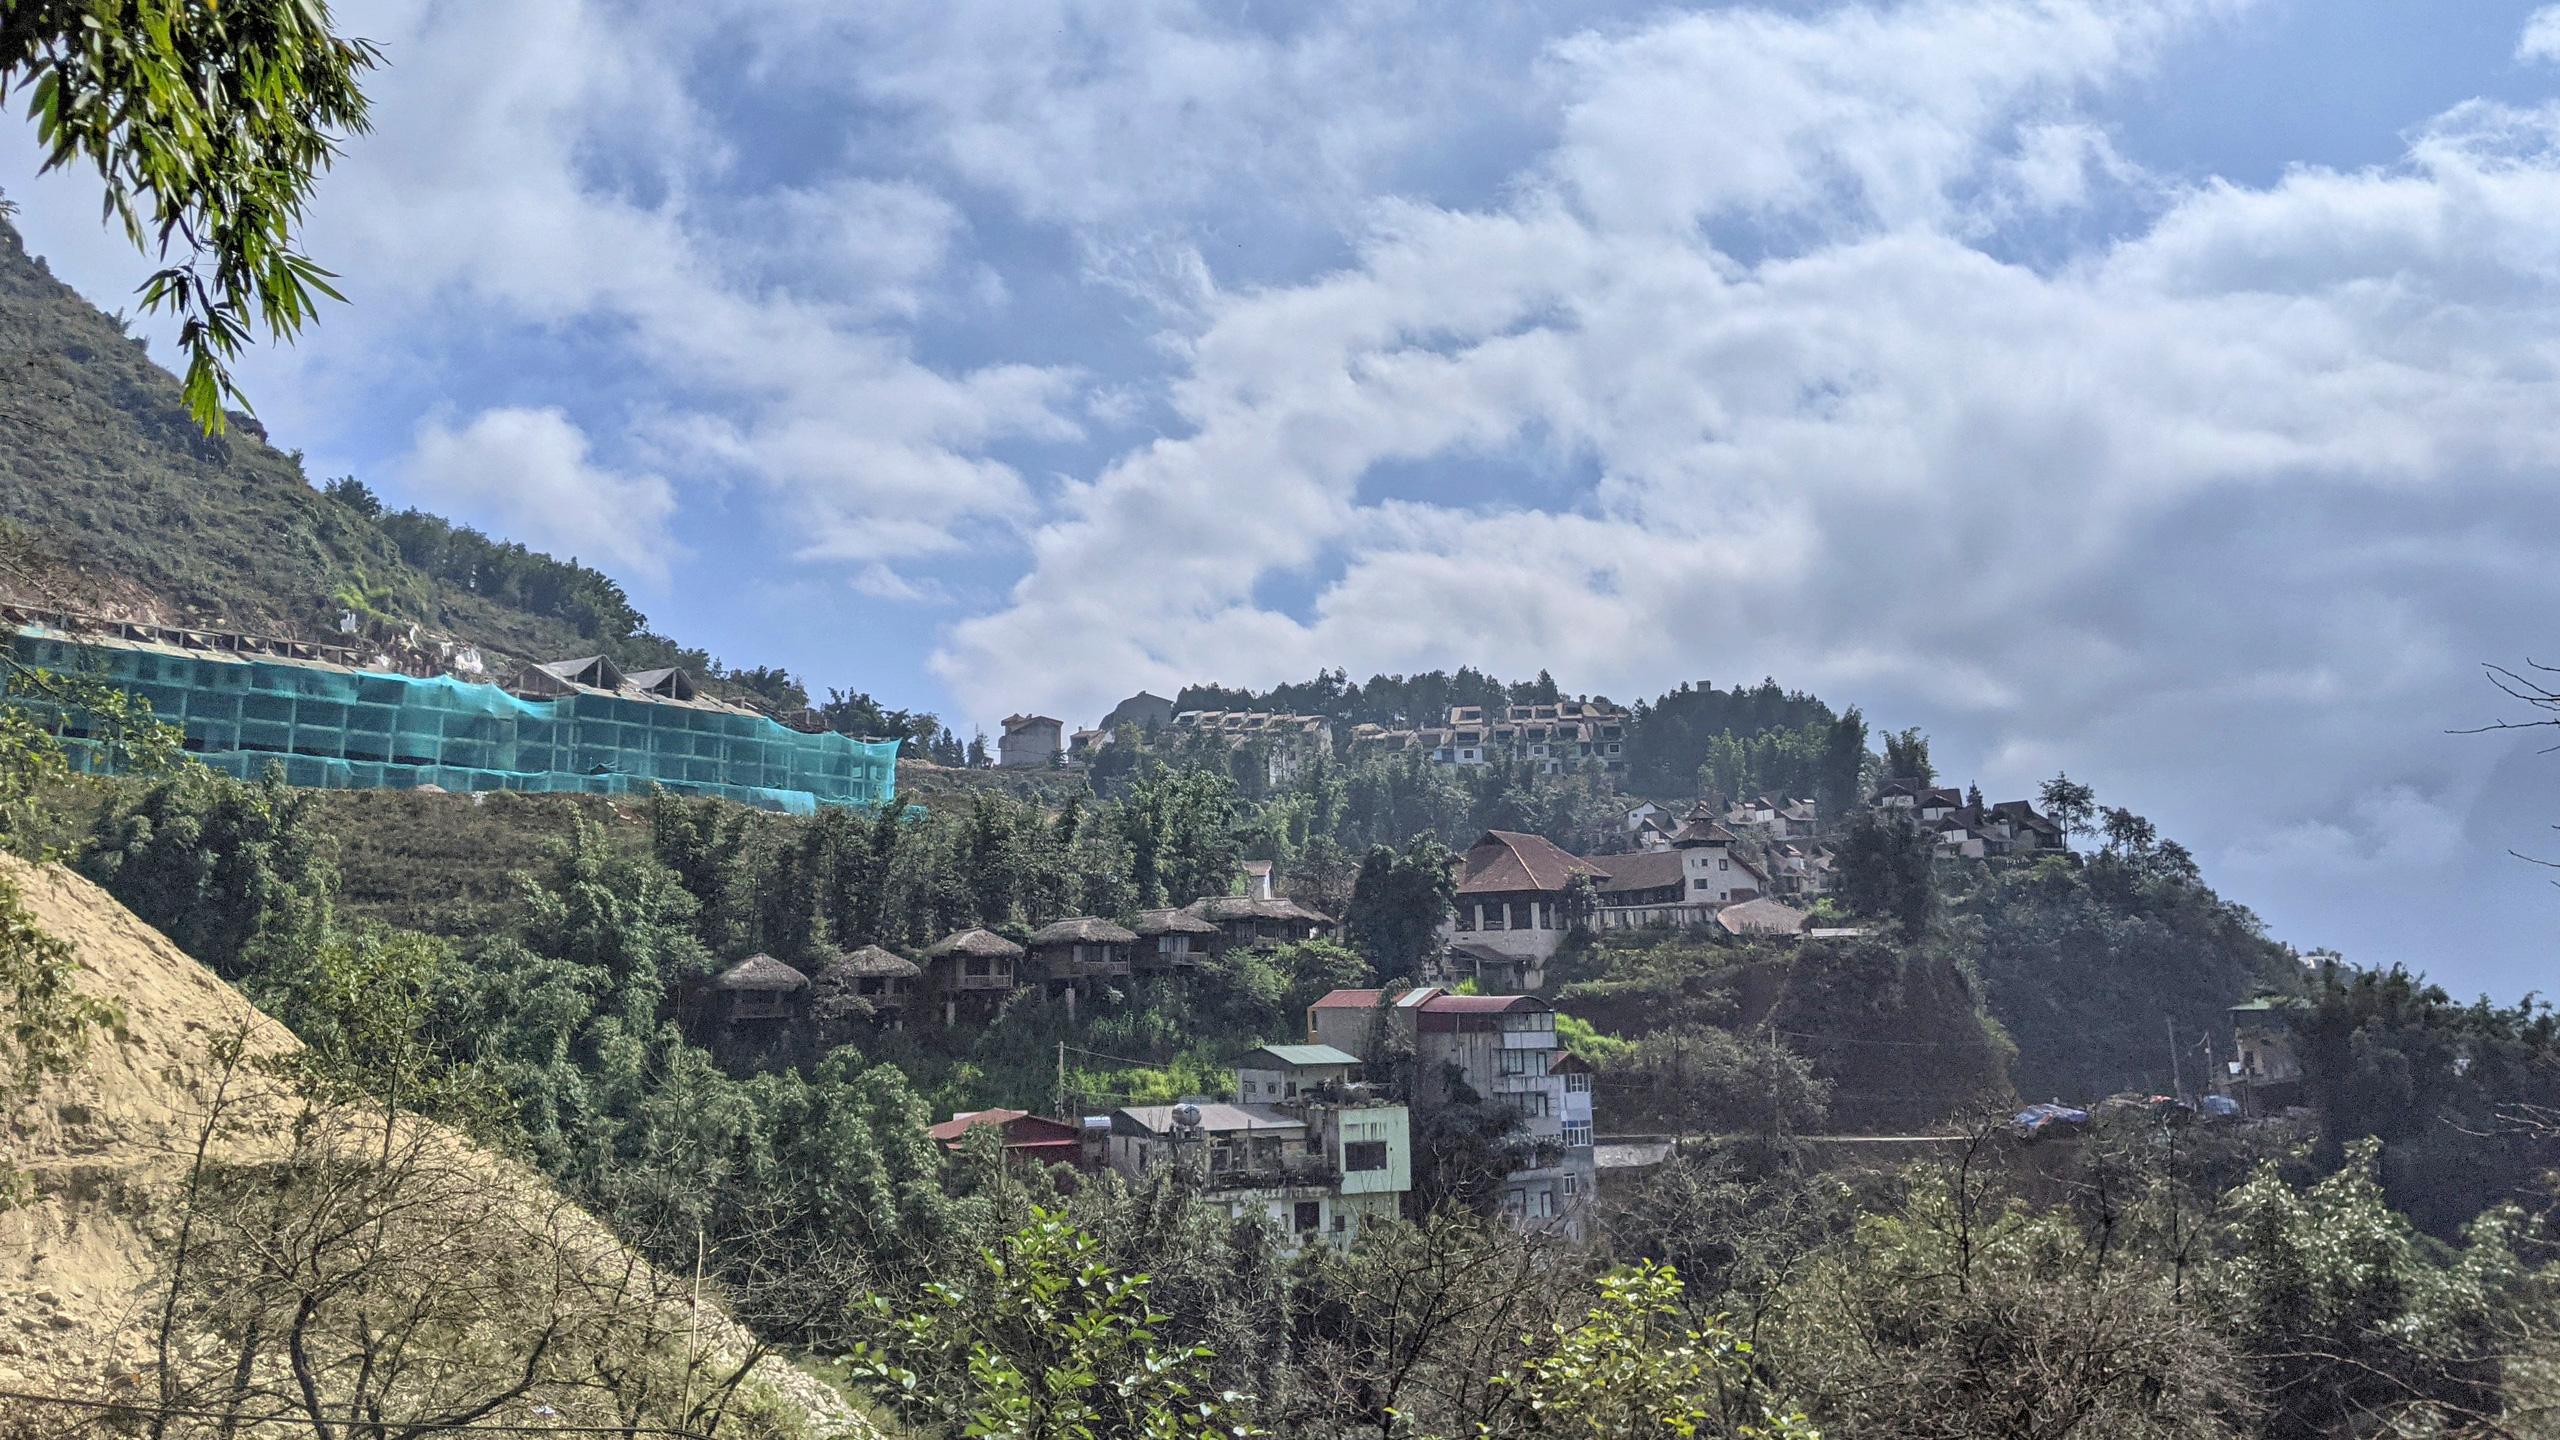 Những dự án bất động sản nghỉ dưỡng lớn đang hiện diện ở Sa Pa - Ảnh 7.